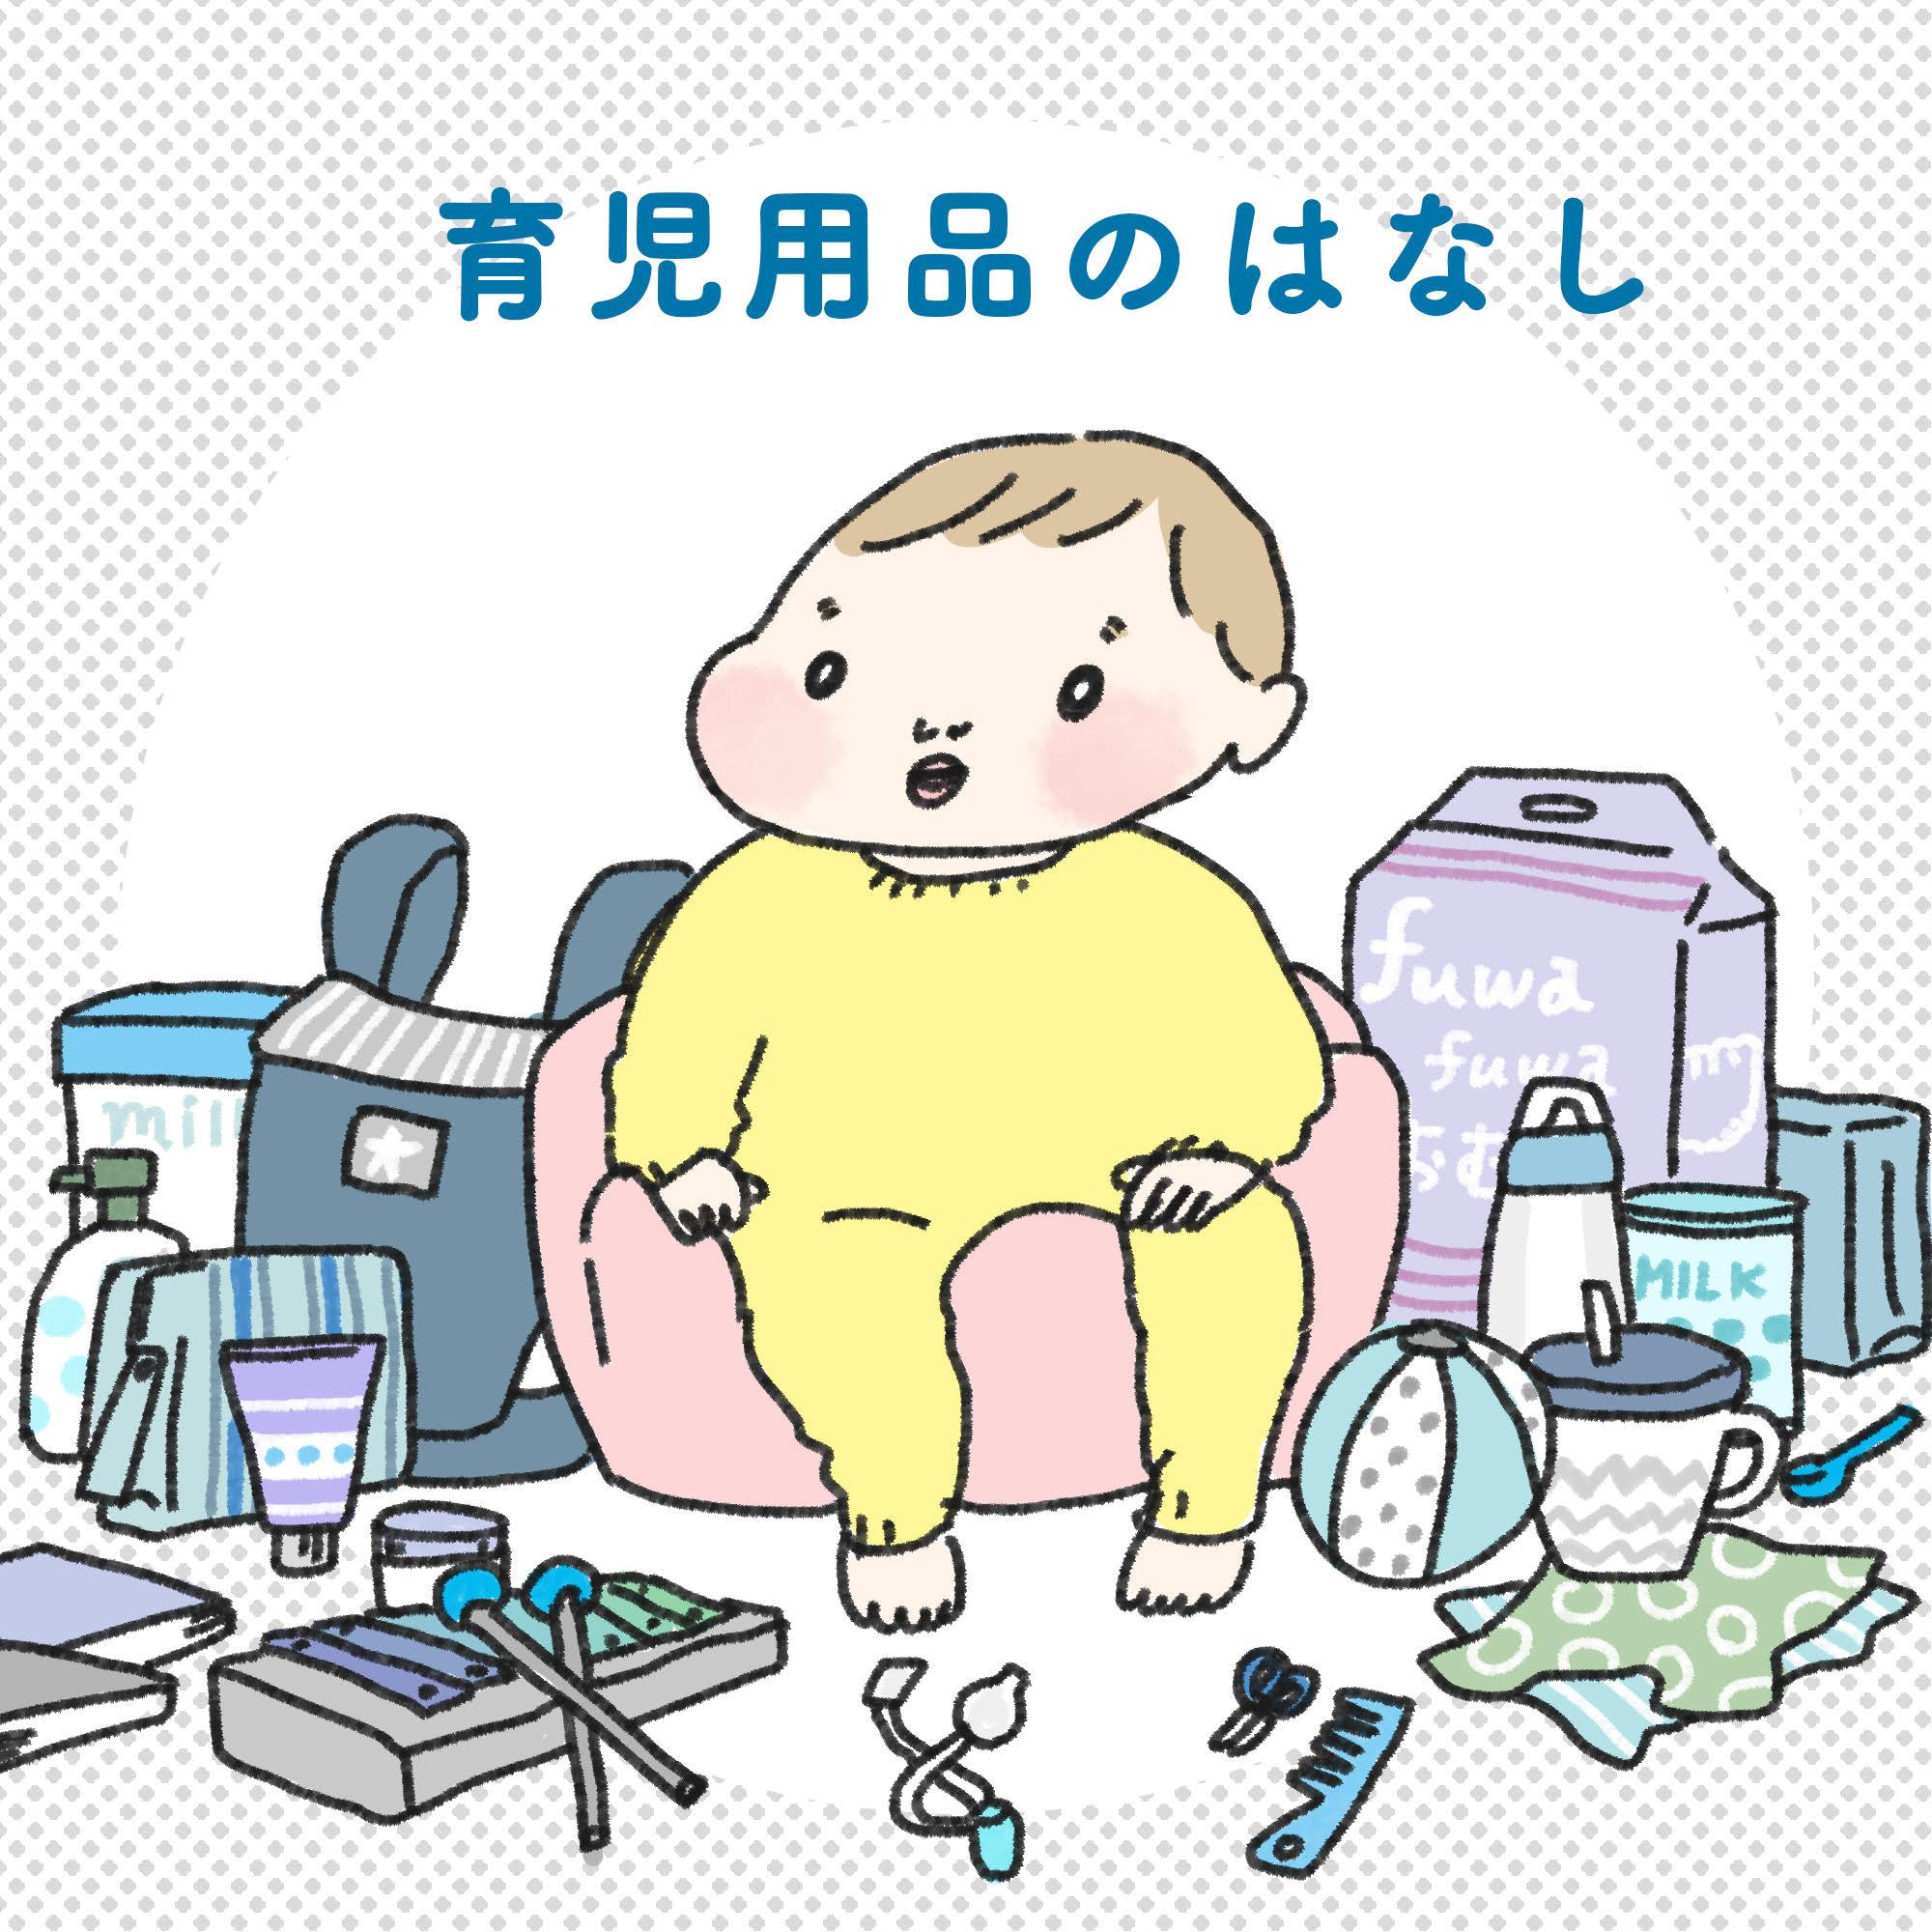 【1日1歩!よちよちよいたん】第15話 育児用品のはなし